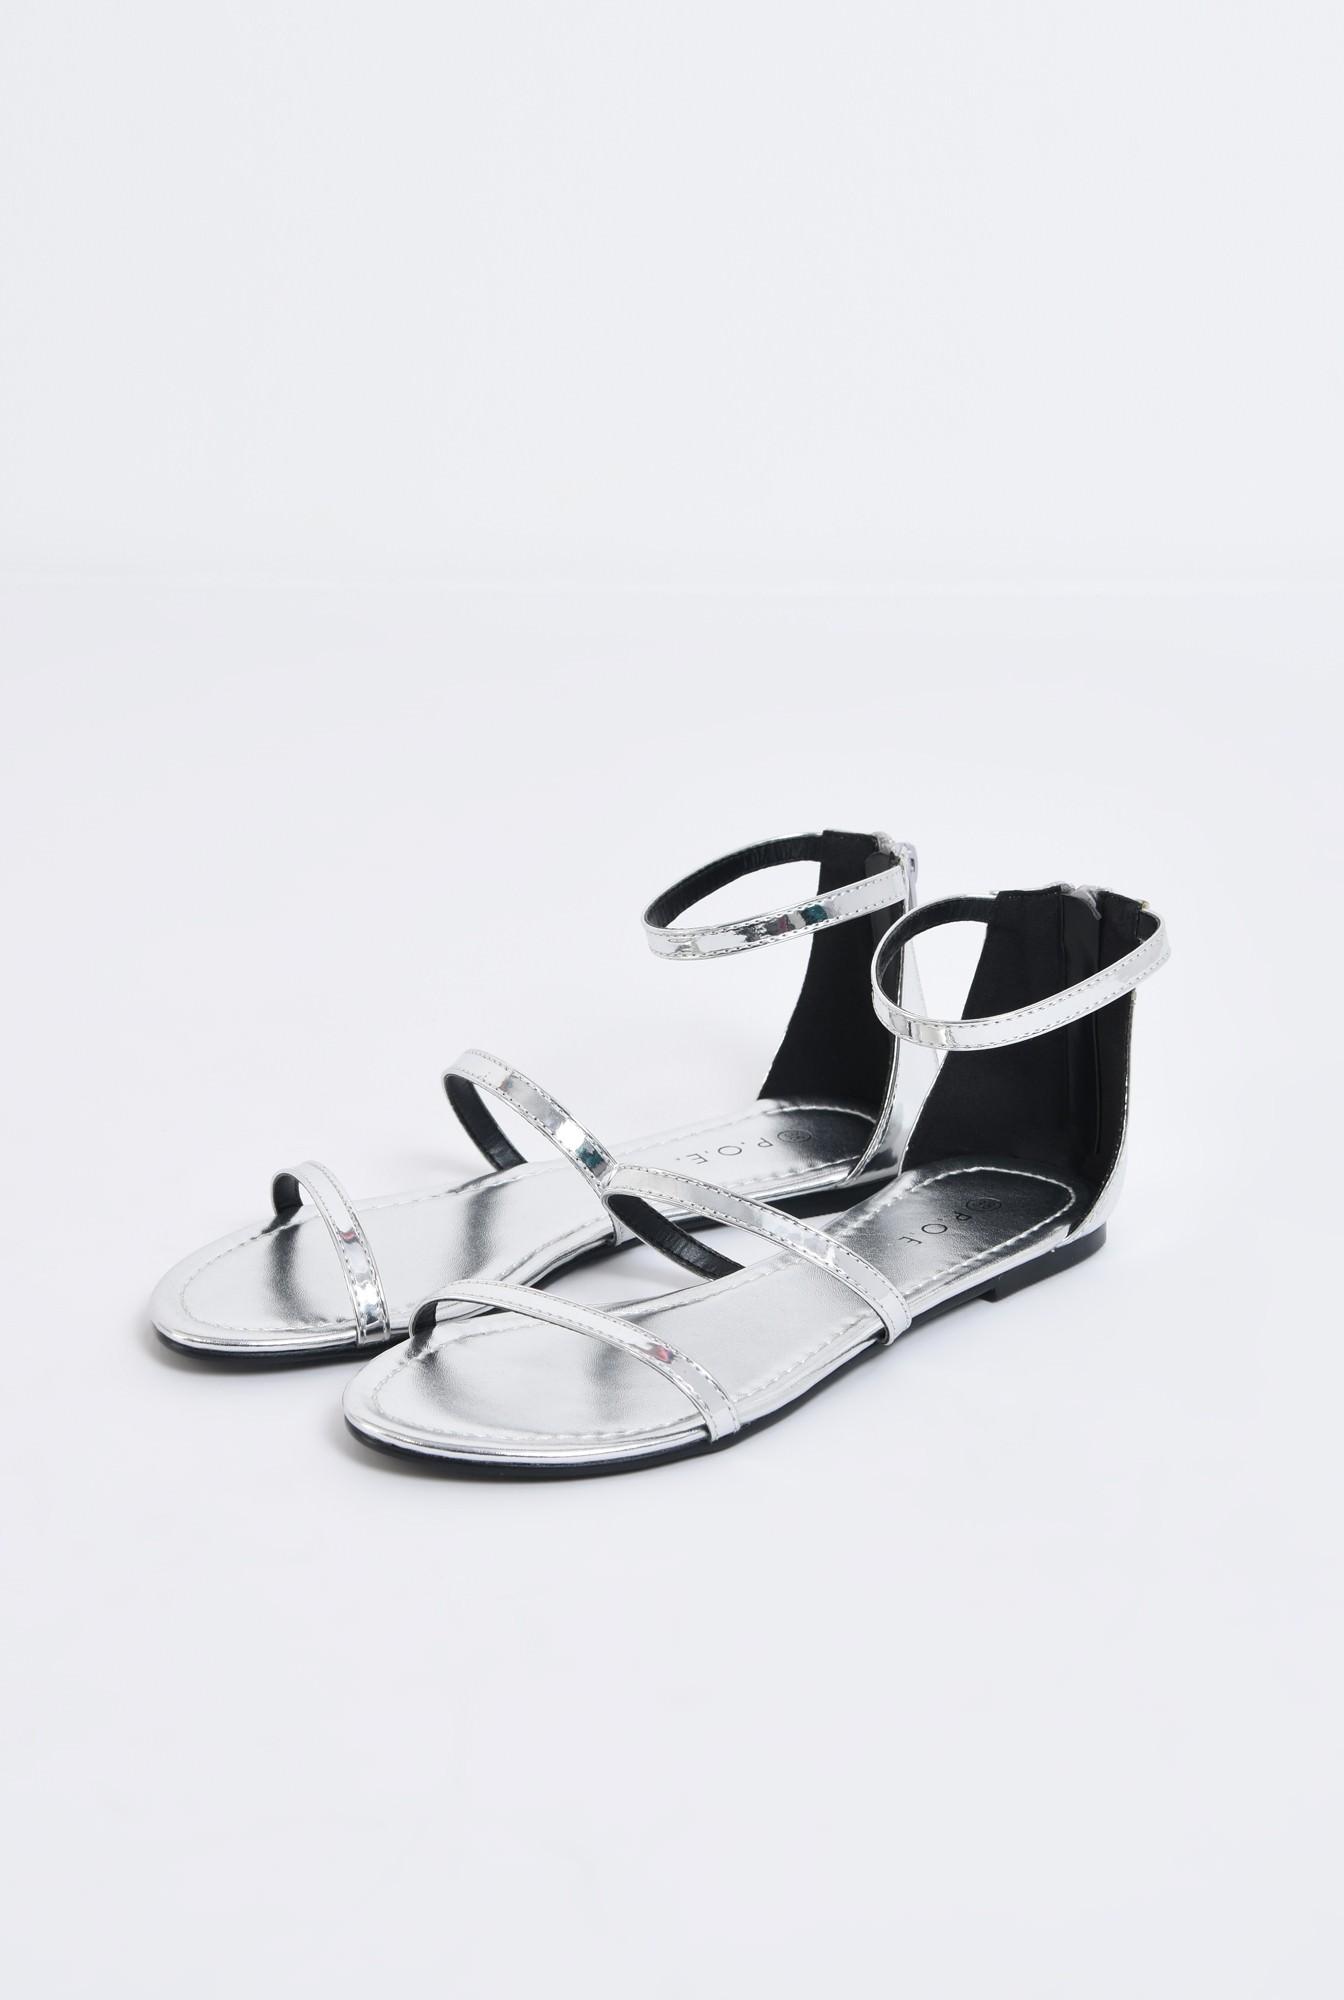 1 - sandale comode, fara toc, argintii, cu barete subtiri